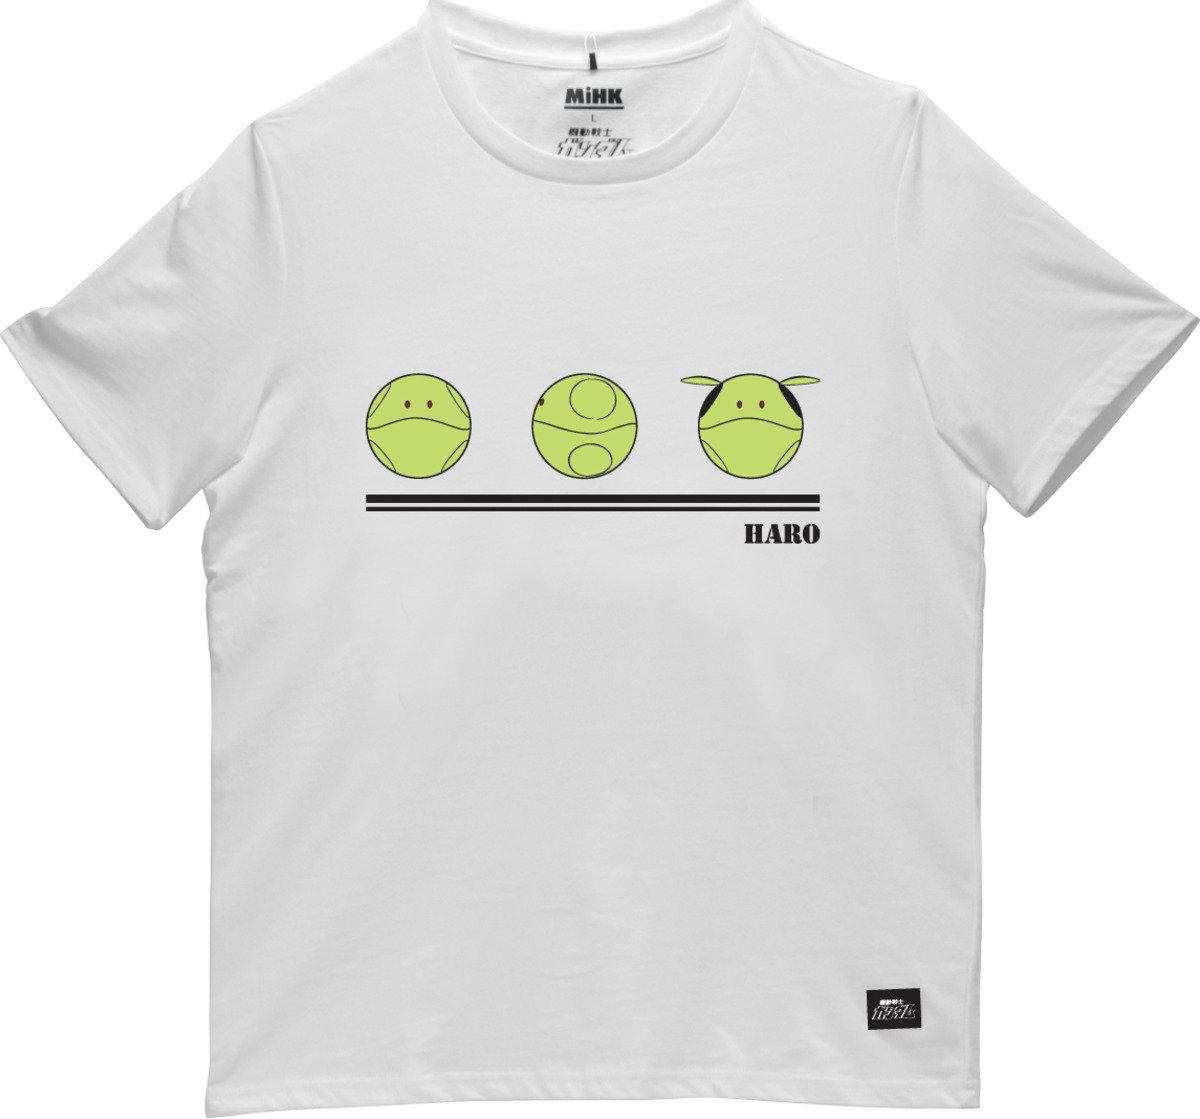 機動戰士(高達)白色圓領短袖T恤-02